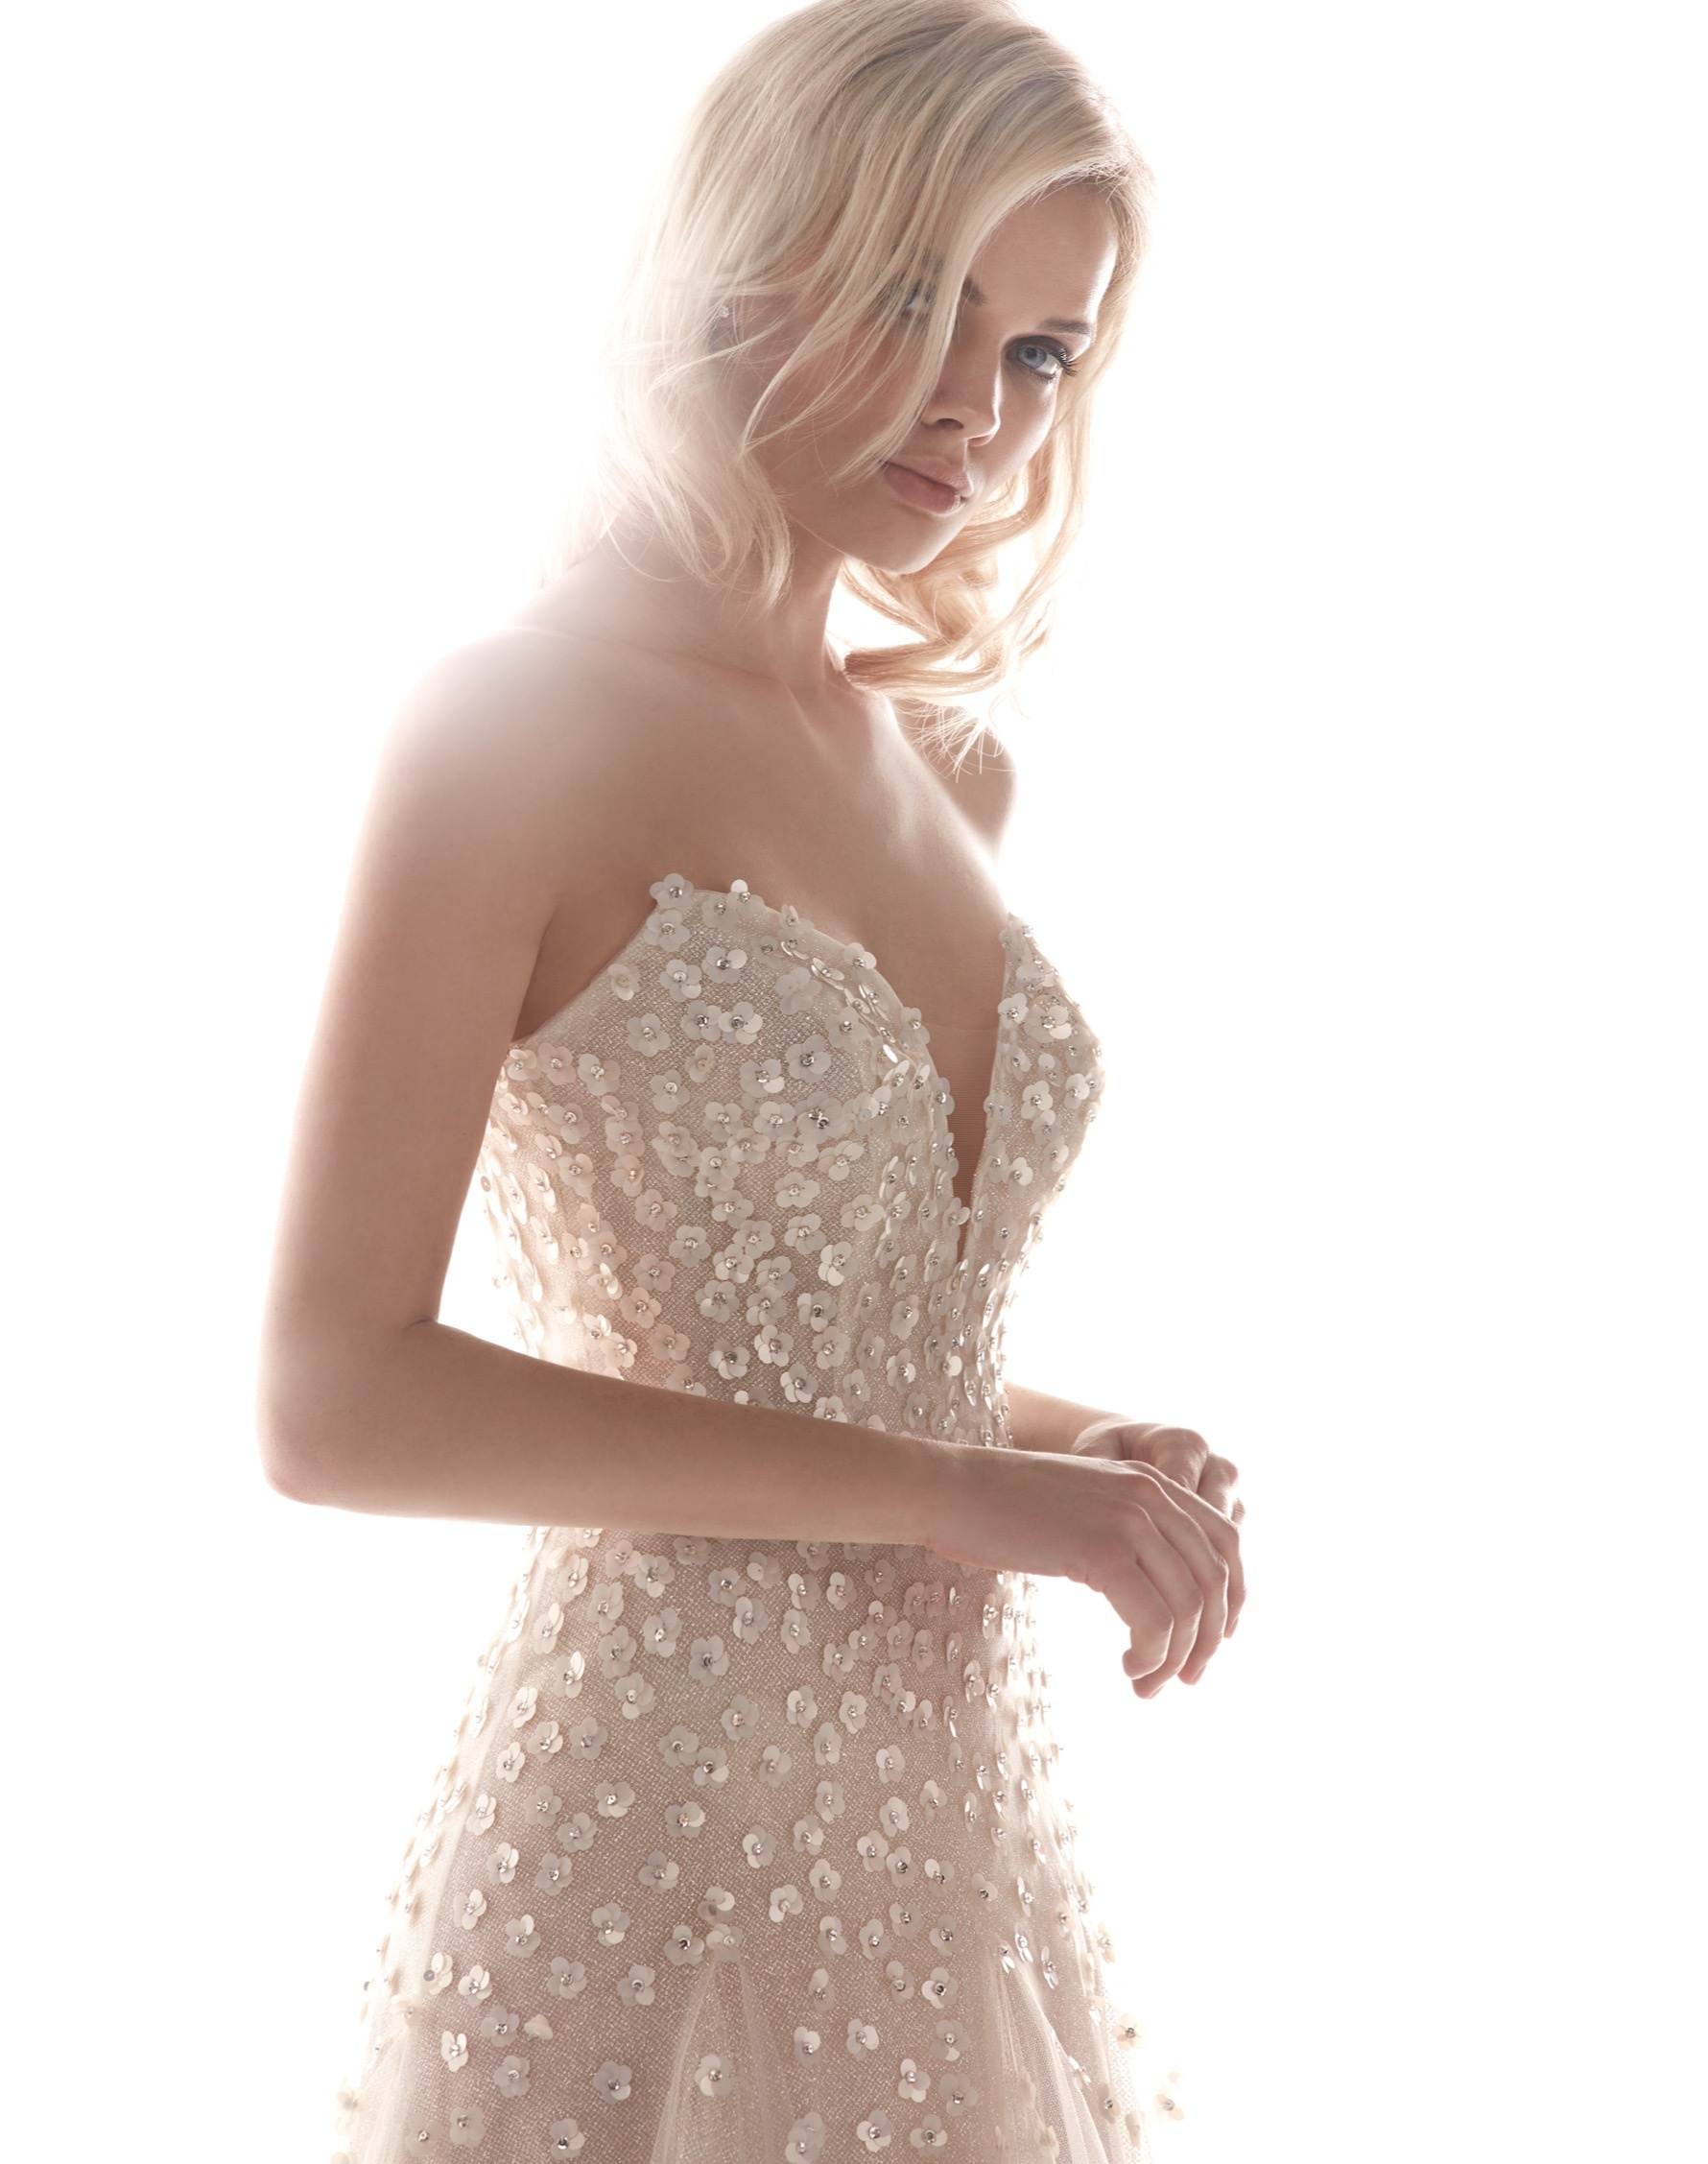 Alessandra-Rinaudo-sposa-2020-2